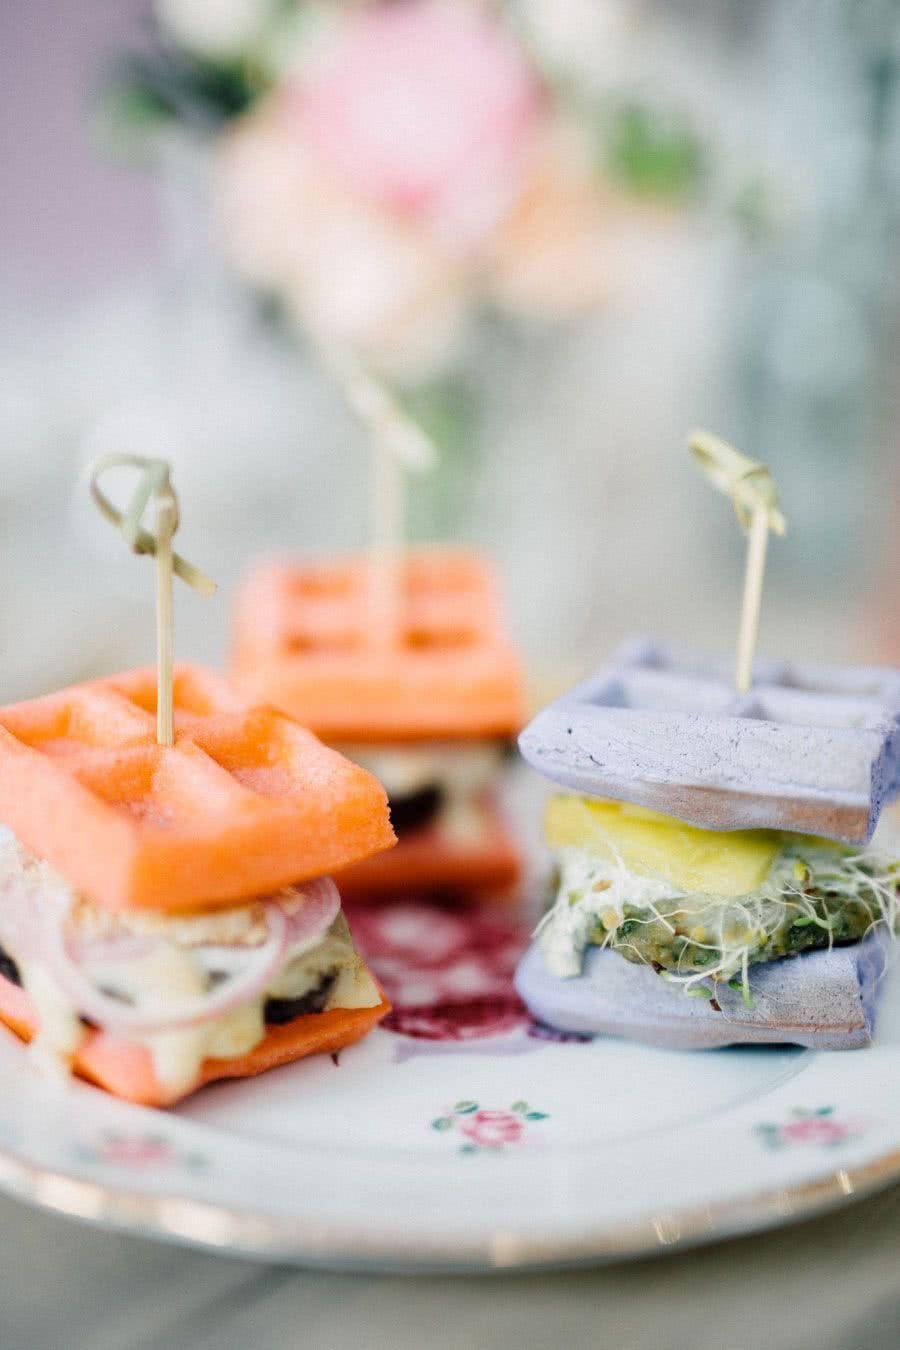 Substitua a fritura por mini sanduíches de waffle. Além de ser uma opção mais saudável para a mamãe, são deliciosos!